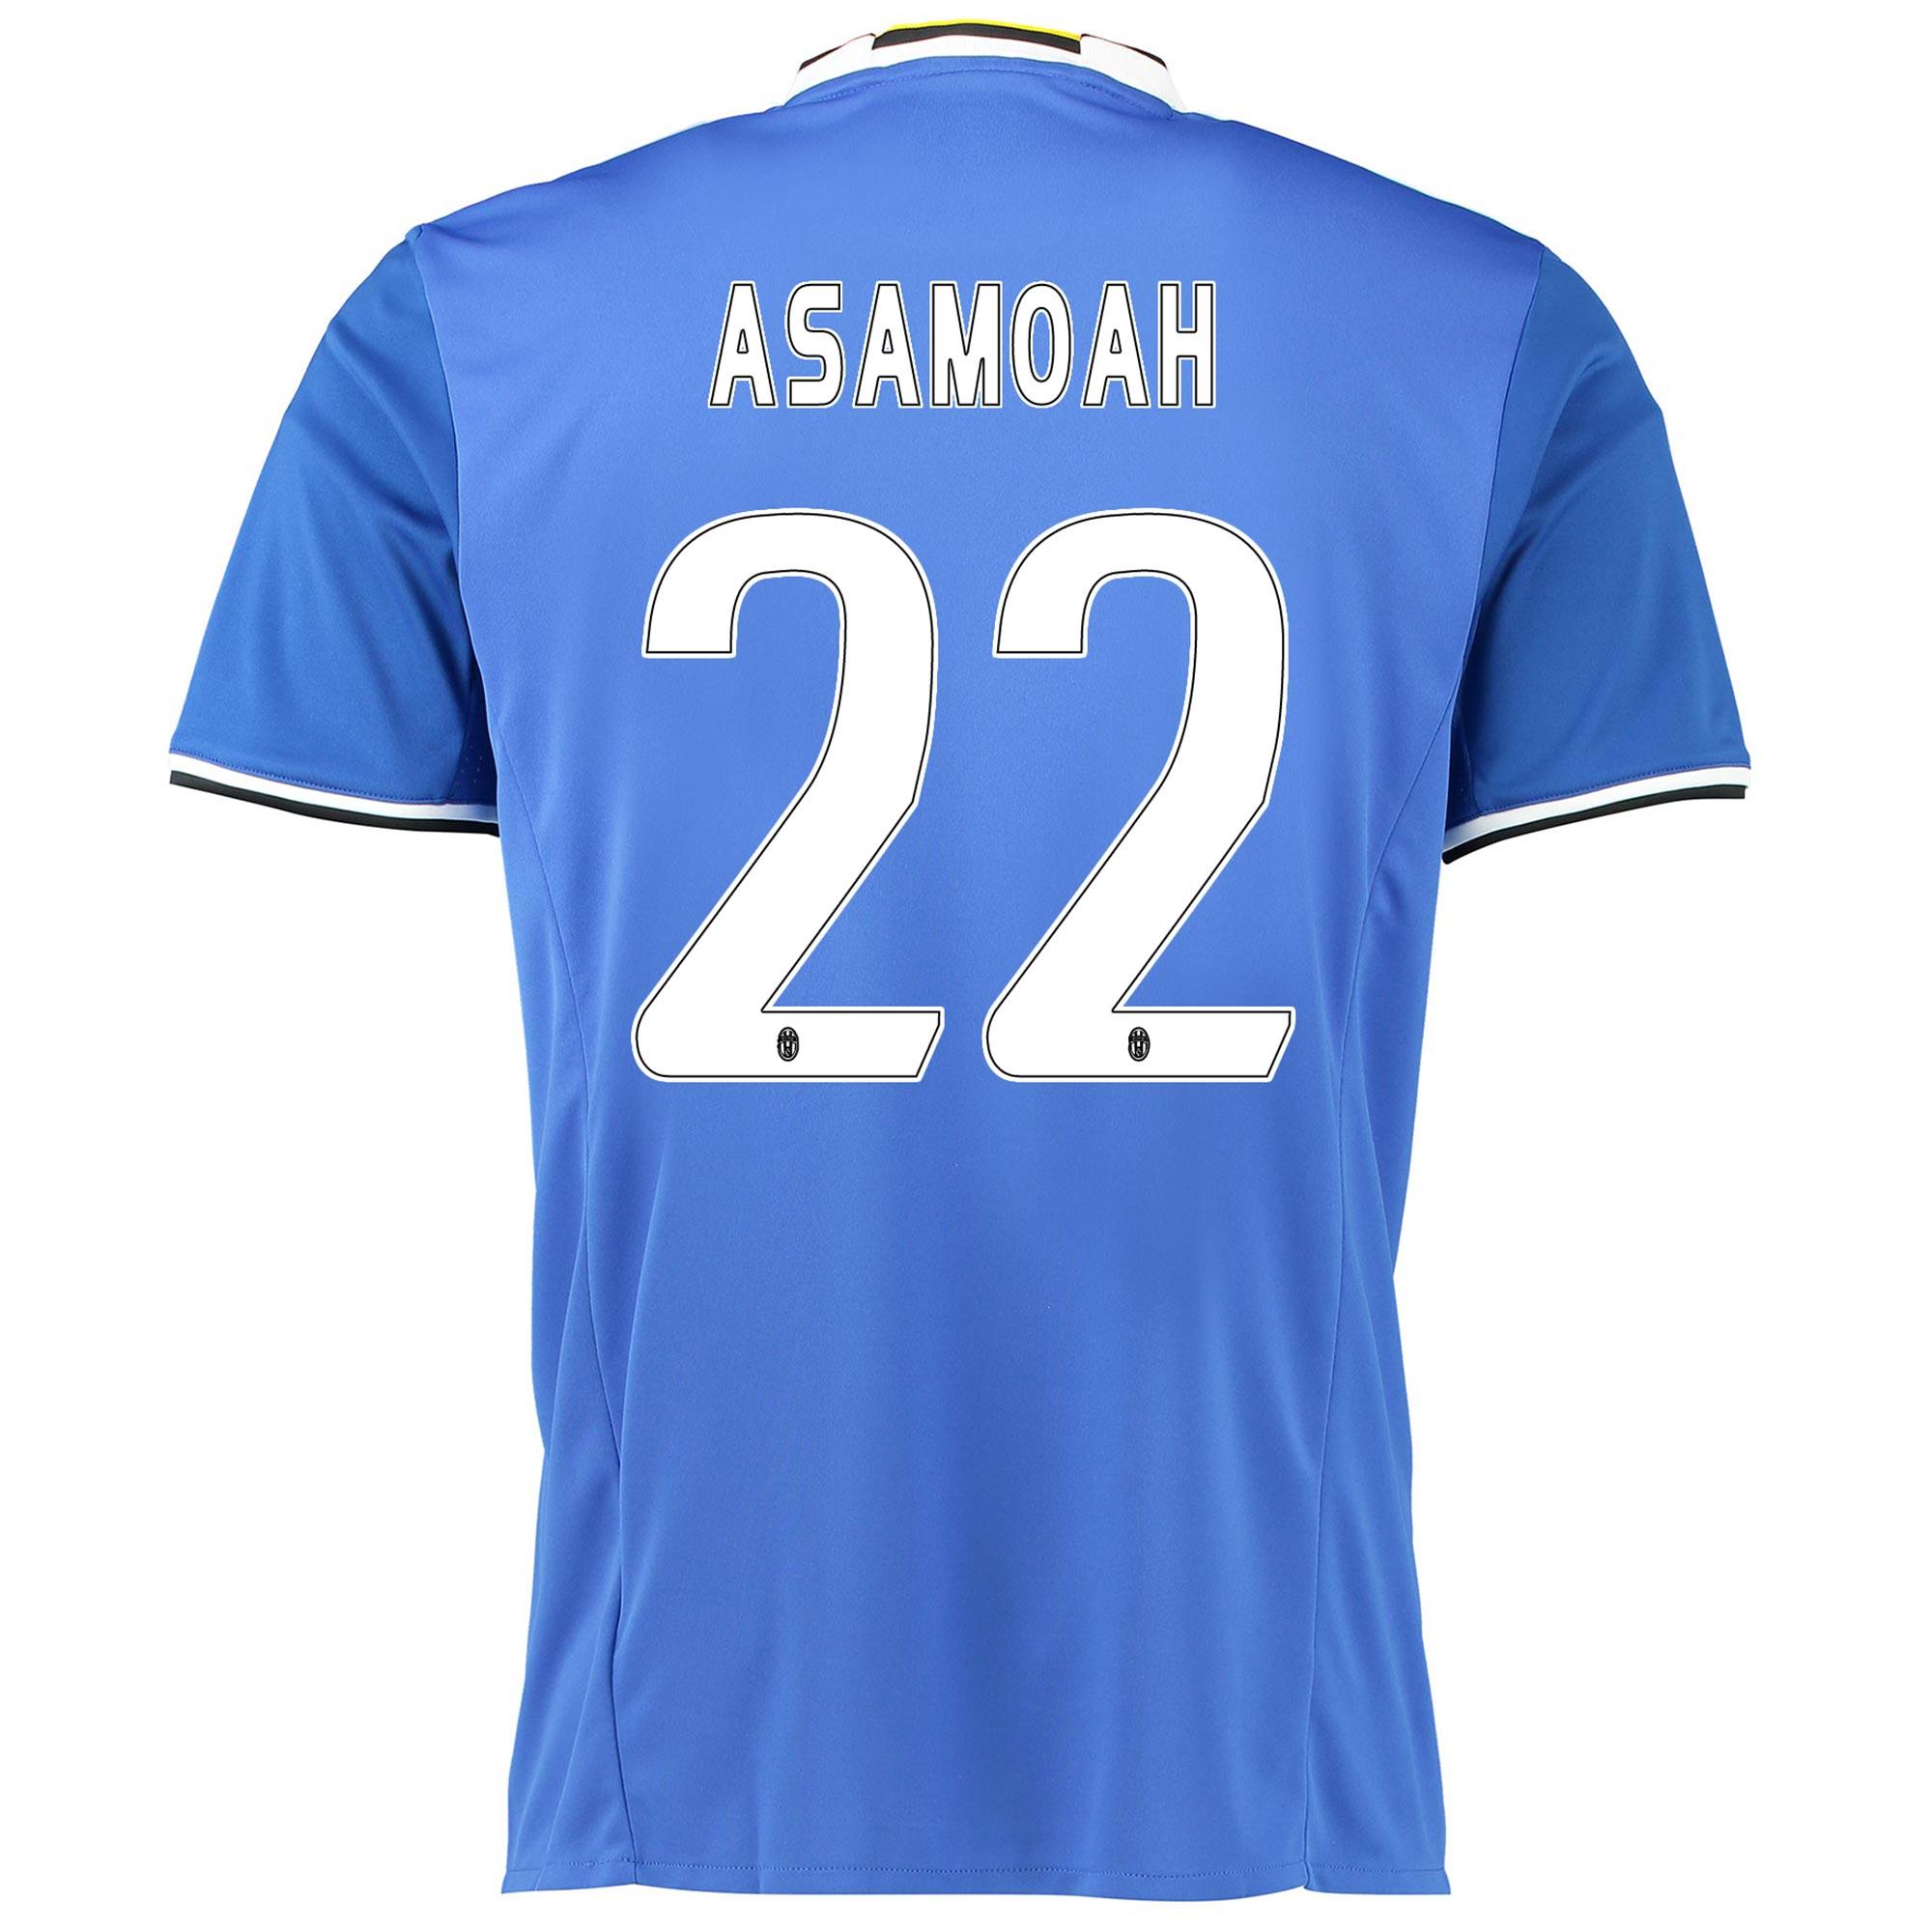 Image of Juventus Away Shirt 2016-17 with Asamoah 22 printing, Blue